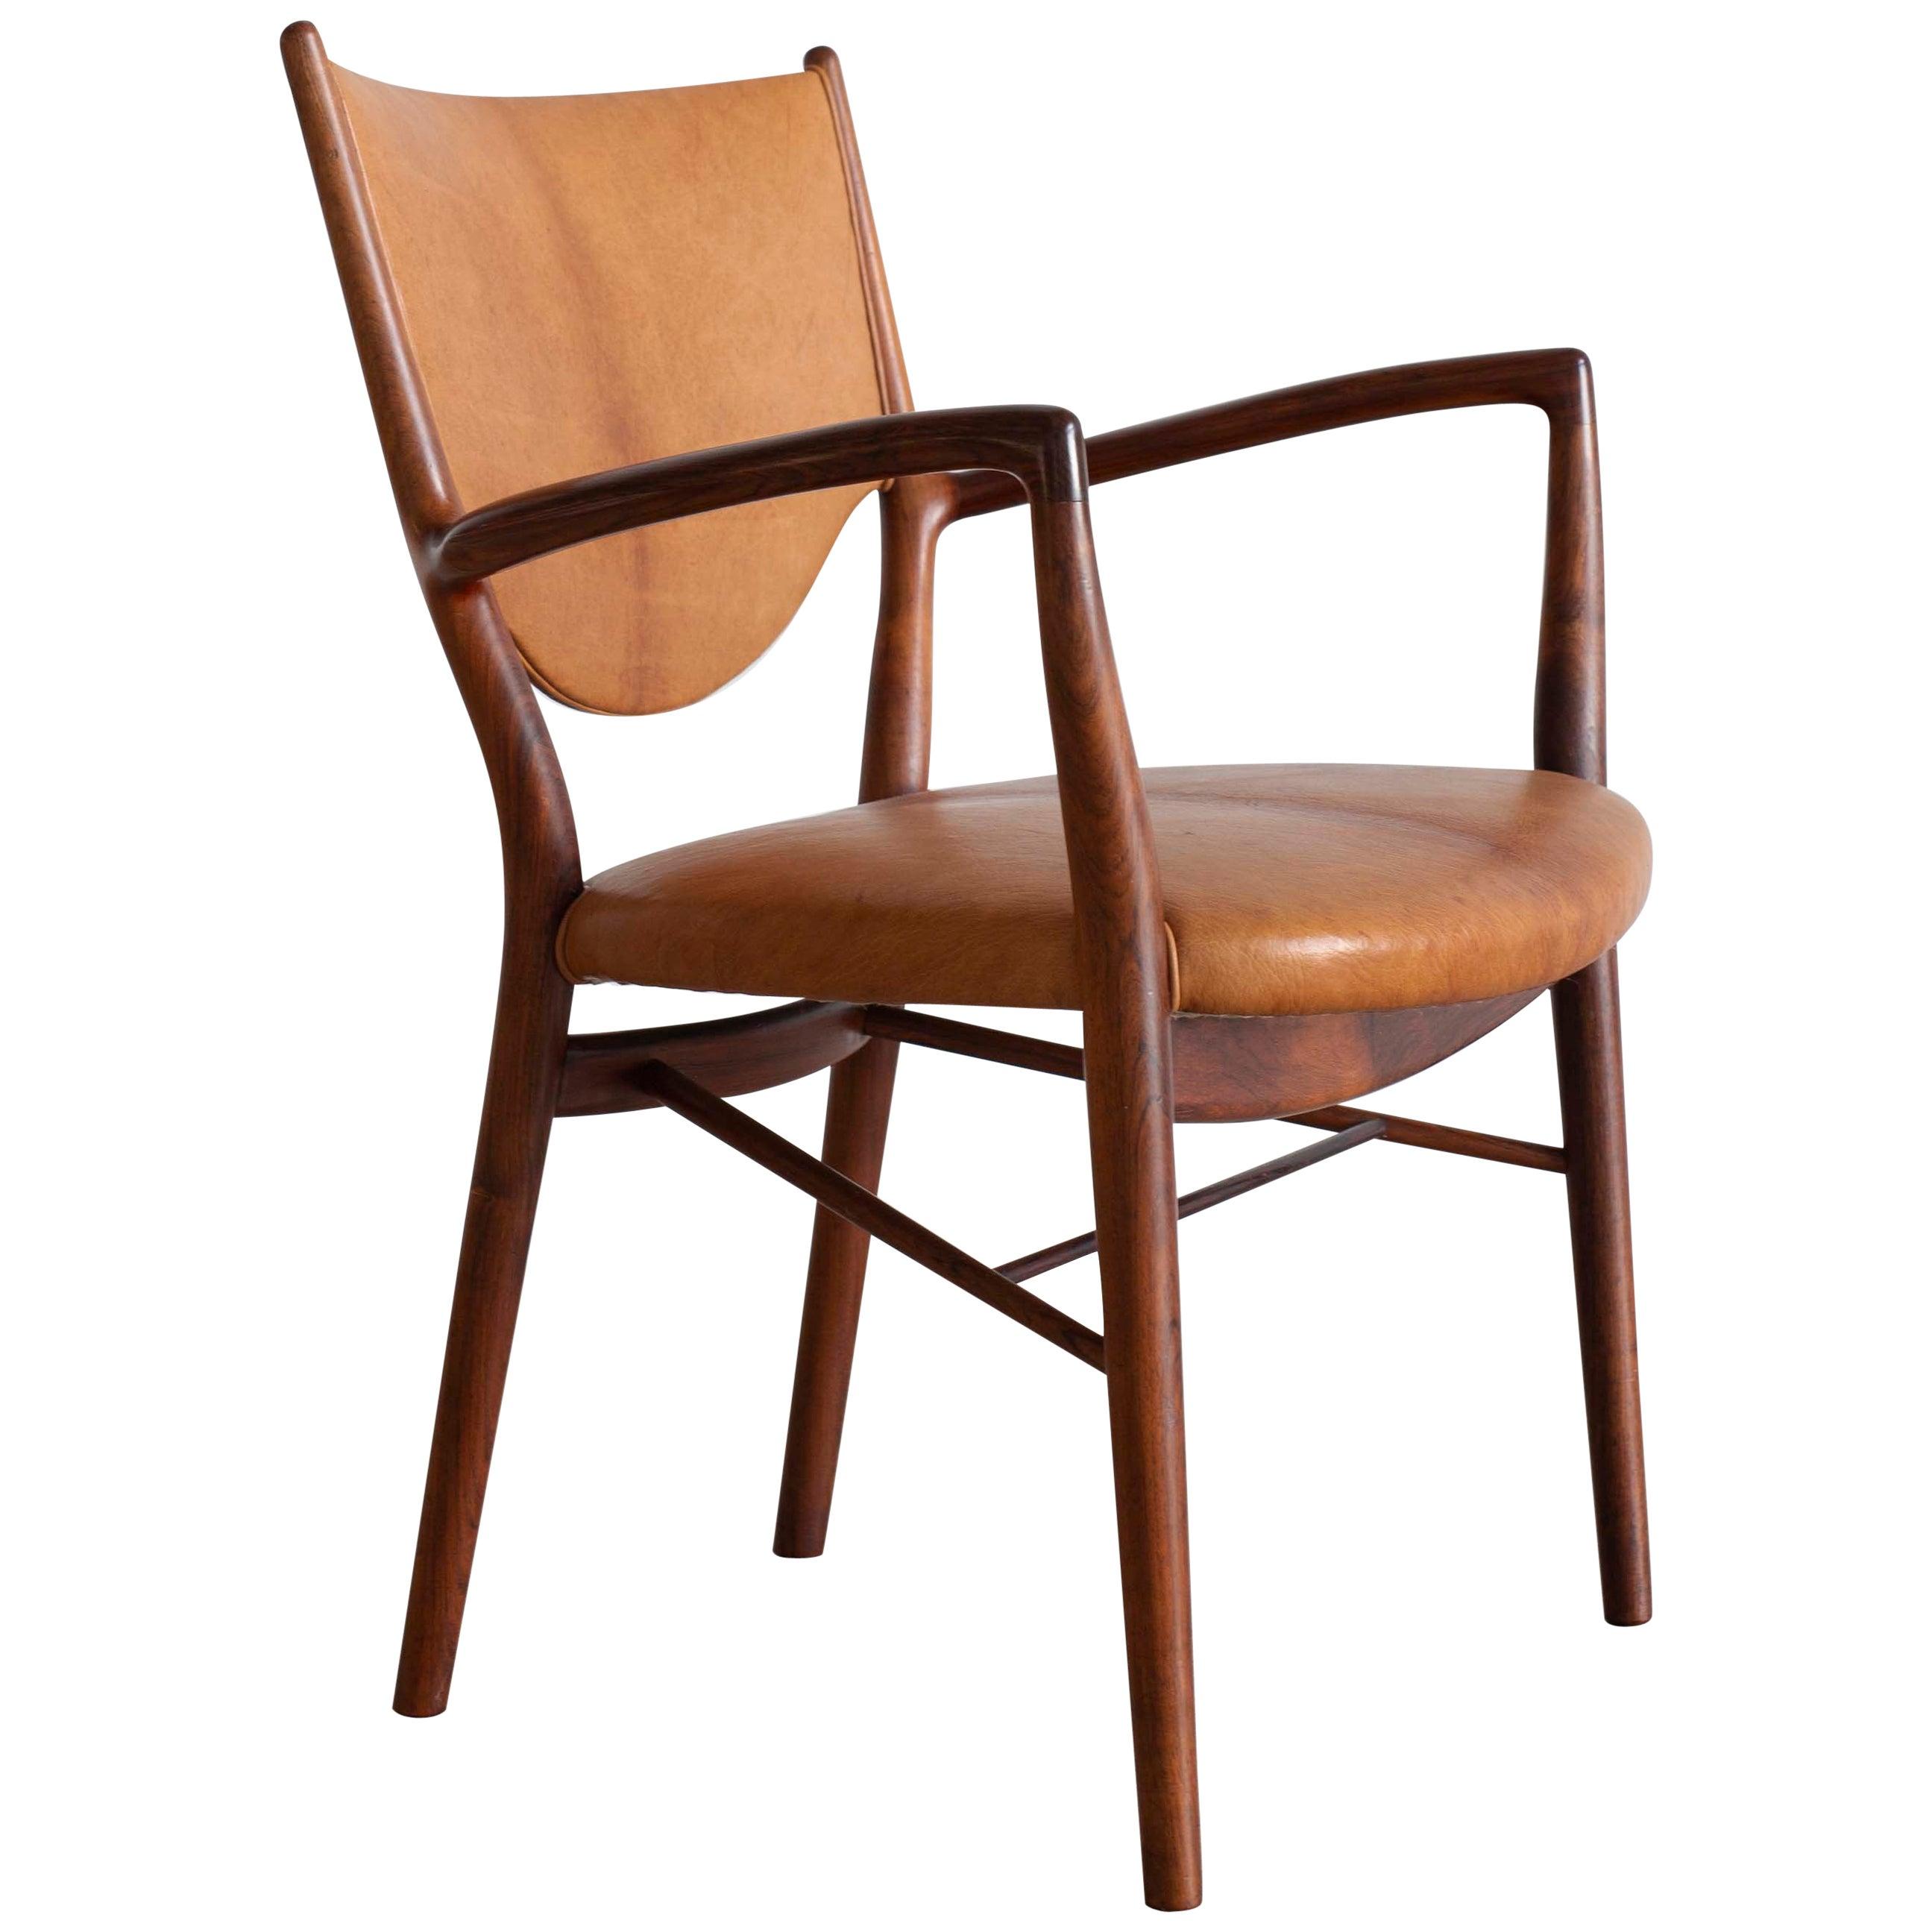 Finn Juhl NV46 Chair in Rosewood for Niels Vodder